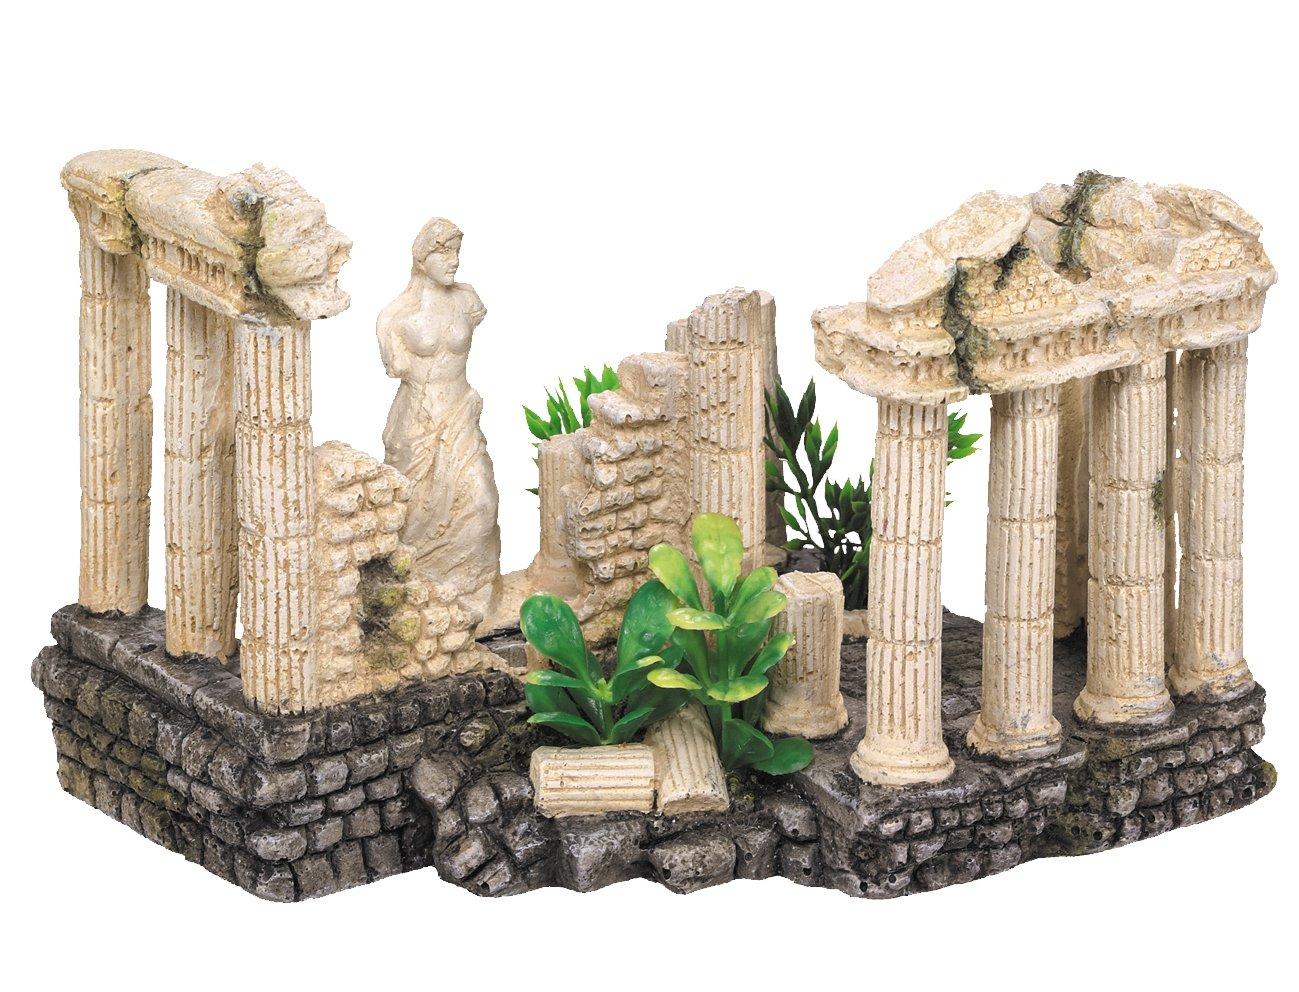 Nobby - Decoración para acuario, diseño de columnas antiguas con plantas, 15 x 19 x 12,5 cm: Amazon.es: Productos para mascotas